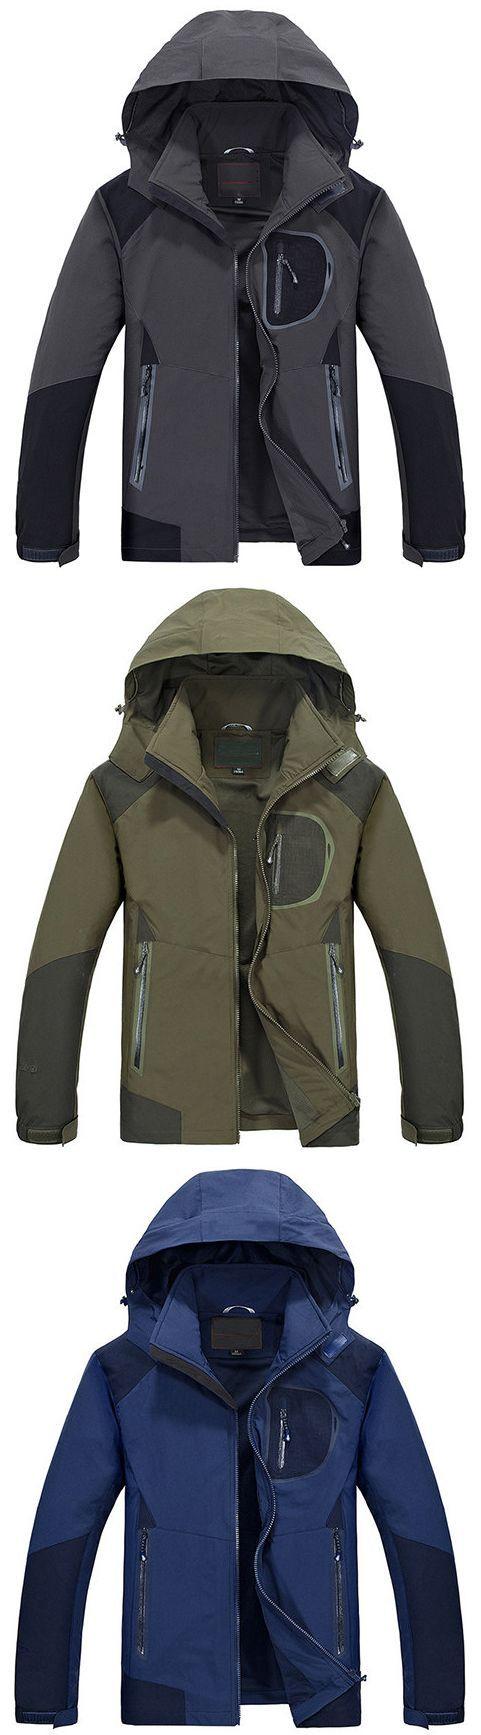 US$48.8 #mens fashion jacket_ mens jackets winter_ mens jackets casual_ mens jackets_ men's jacket_ men's jackets casual_ men's jackets winter_ men's jackets leather brown_ jackets for men_ jackets for men winter_ jackets for men casual_ jackets for men h